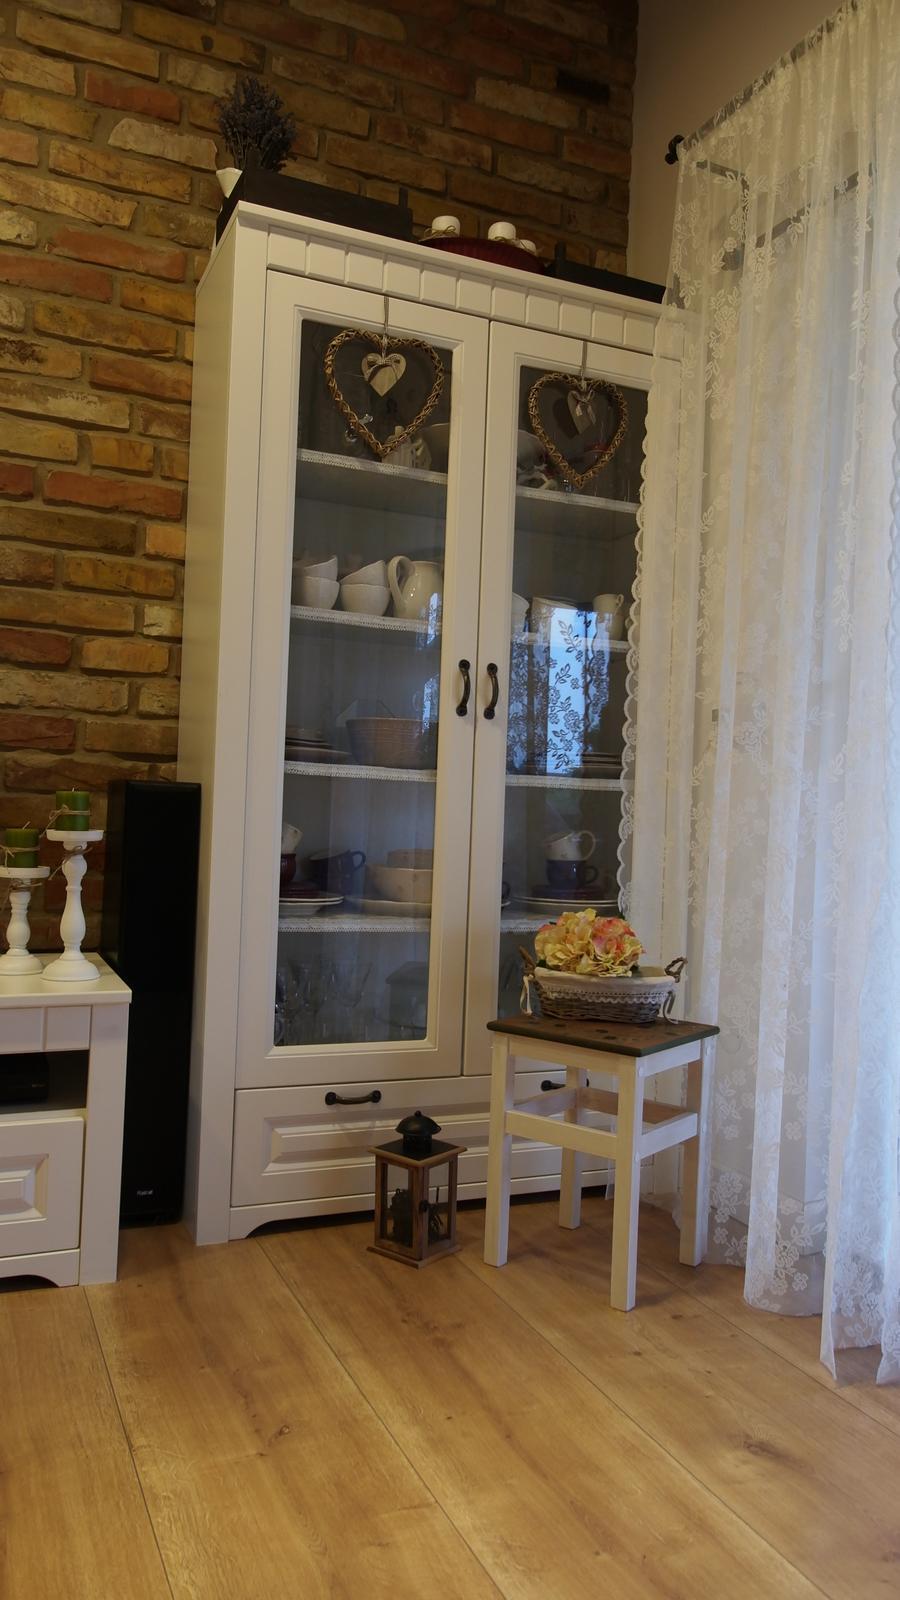 Náš domček ♡ Bramasole ♡ ... Stilo interiér aj exteriér 3. rok bývania - Obrázok č. 6